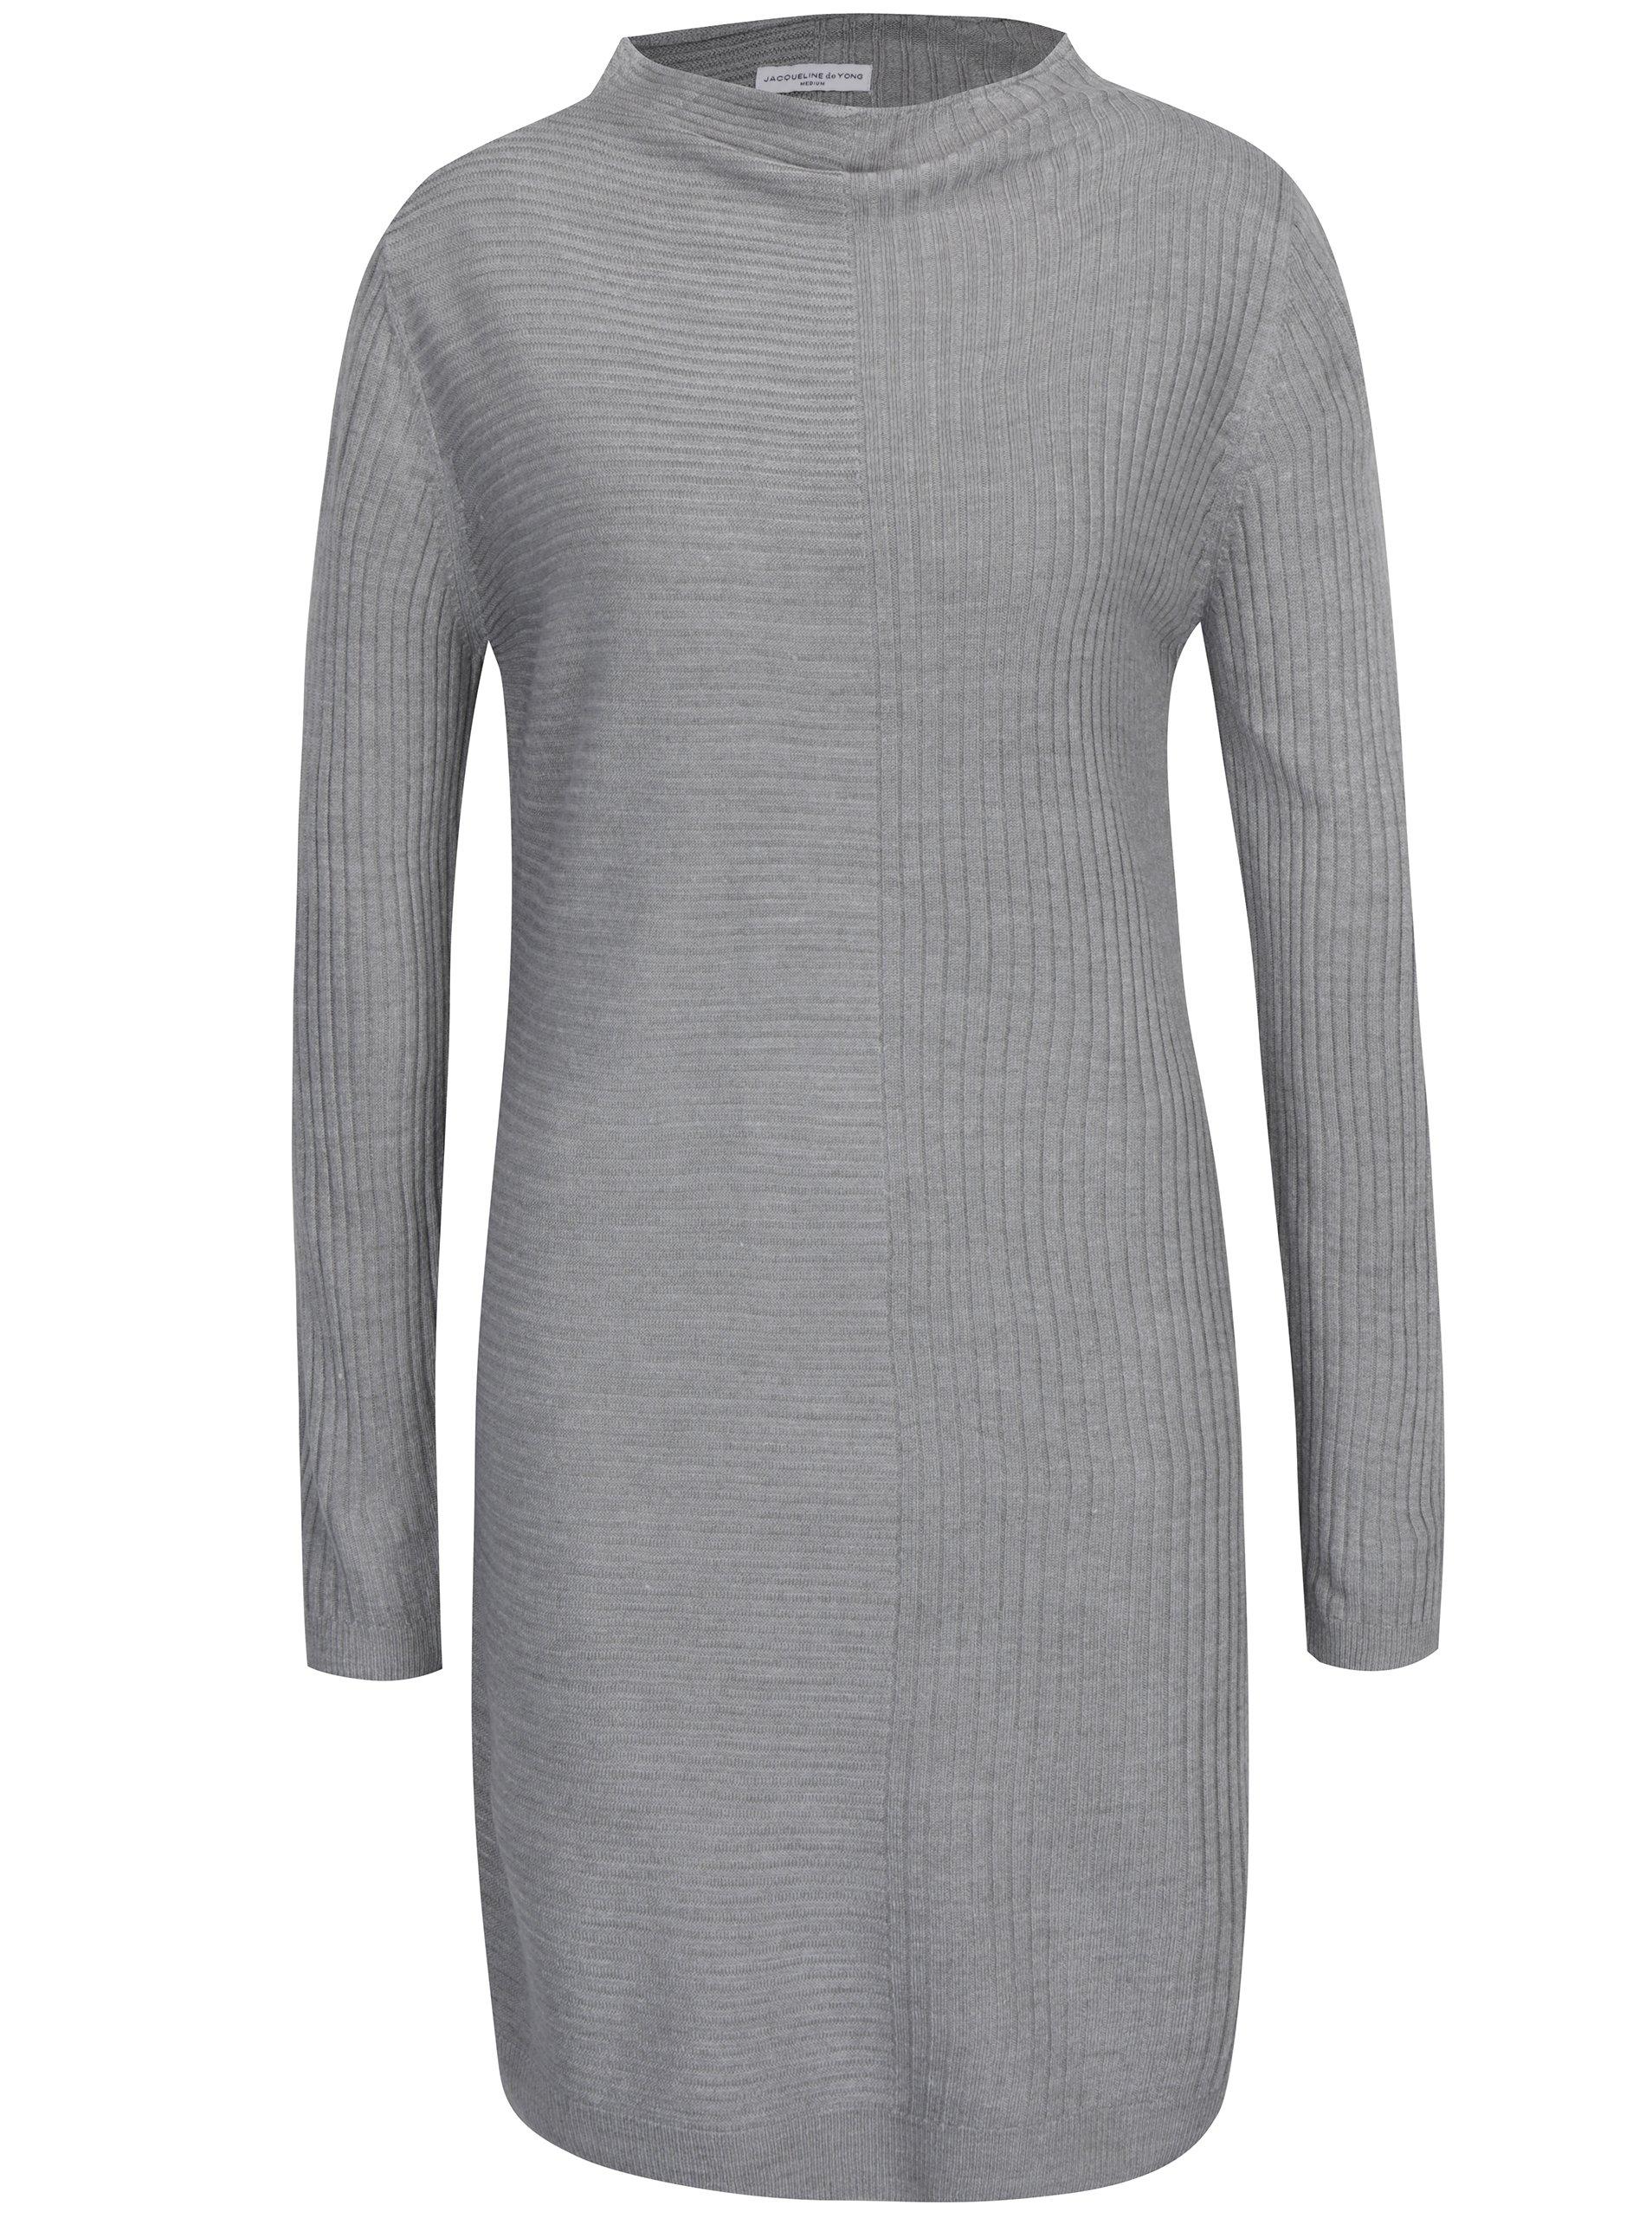 9a294734a8c4 Šedé svetrové žebrované šaty Jacqueline de Yong Mindy ŽENY   Šaty   šaty na denní  nošení